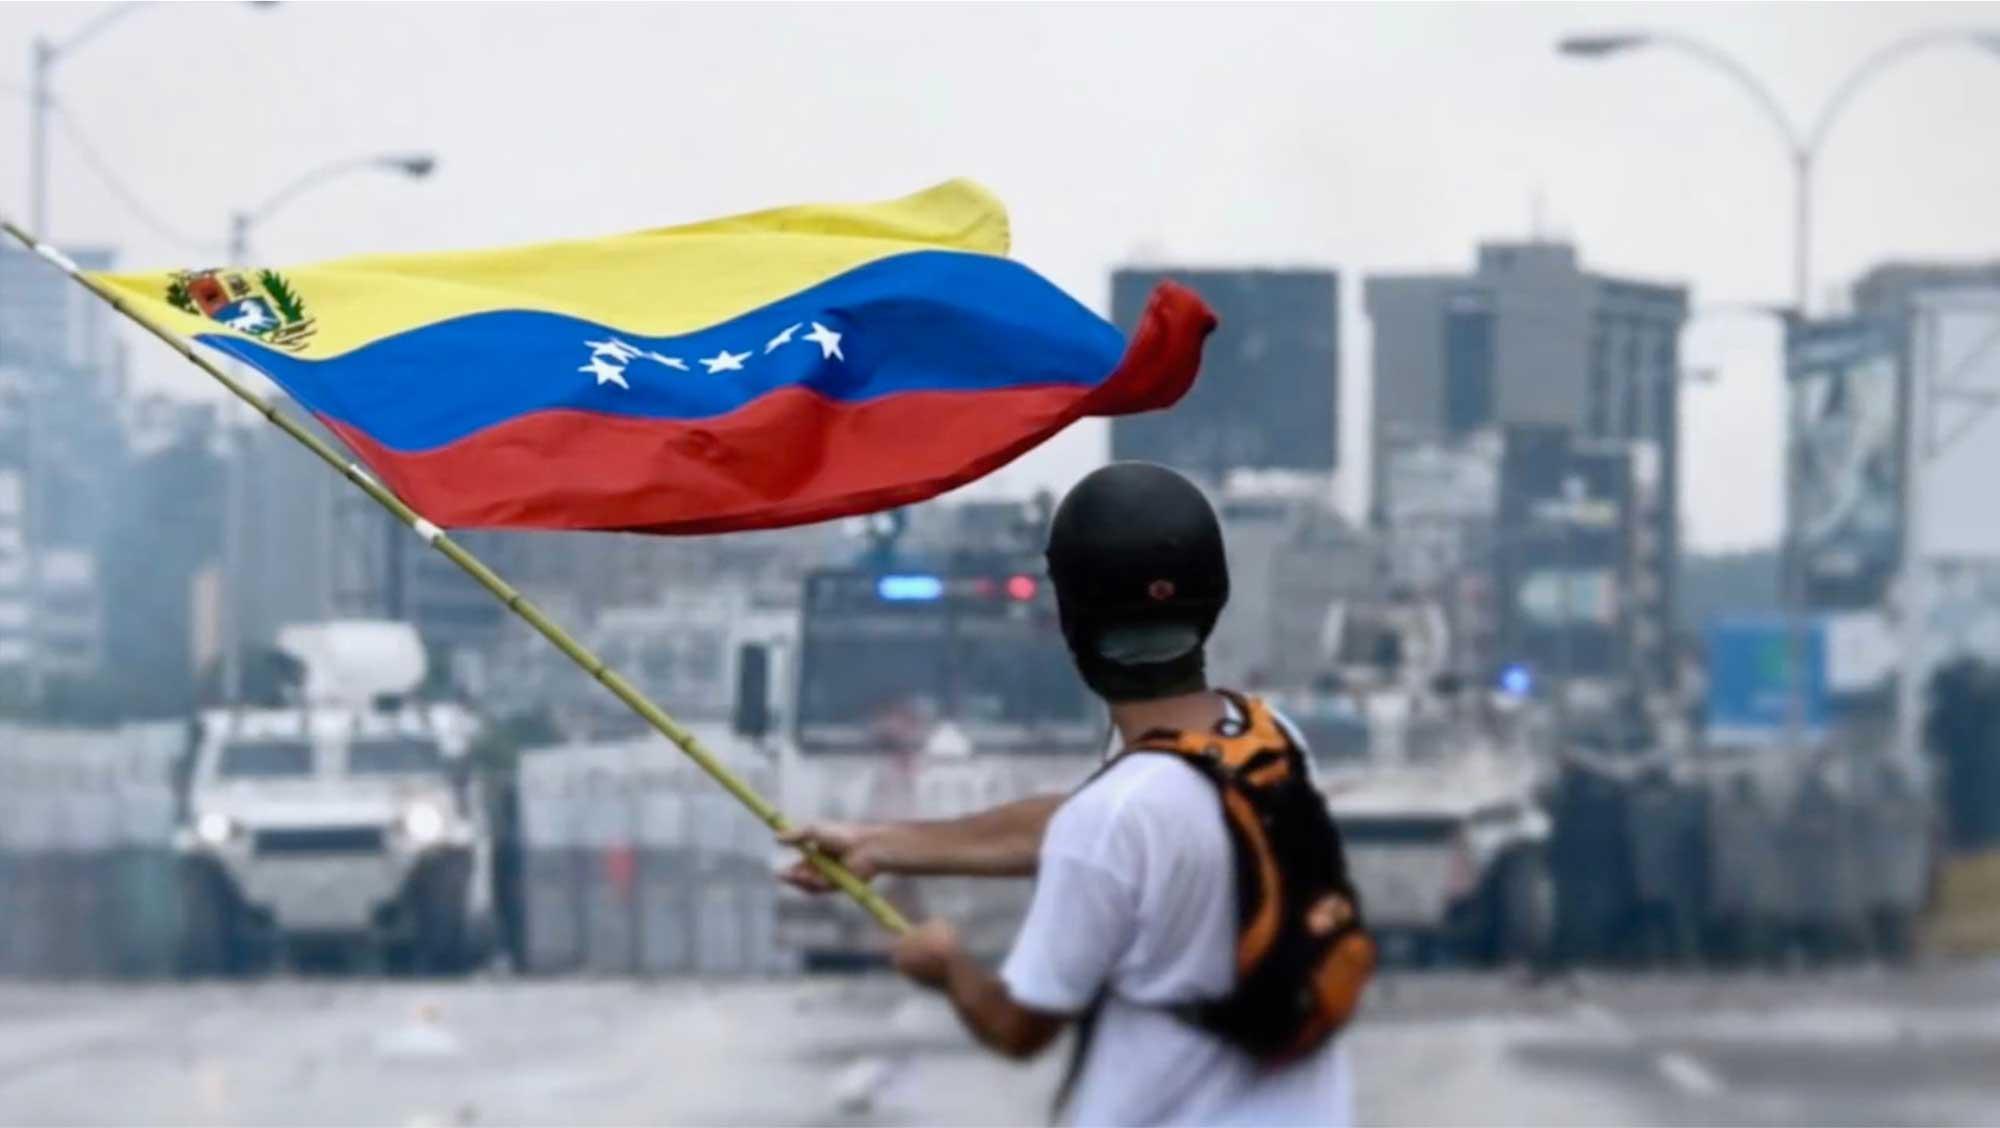 garçon avec un drapeau du Venezuela